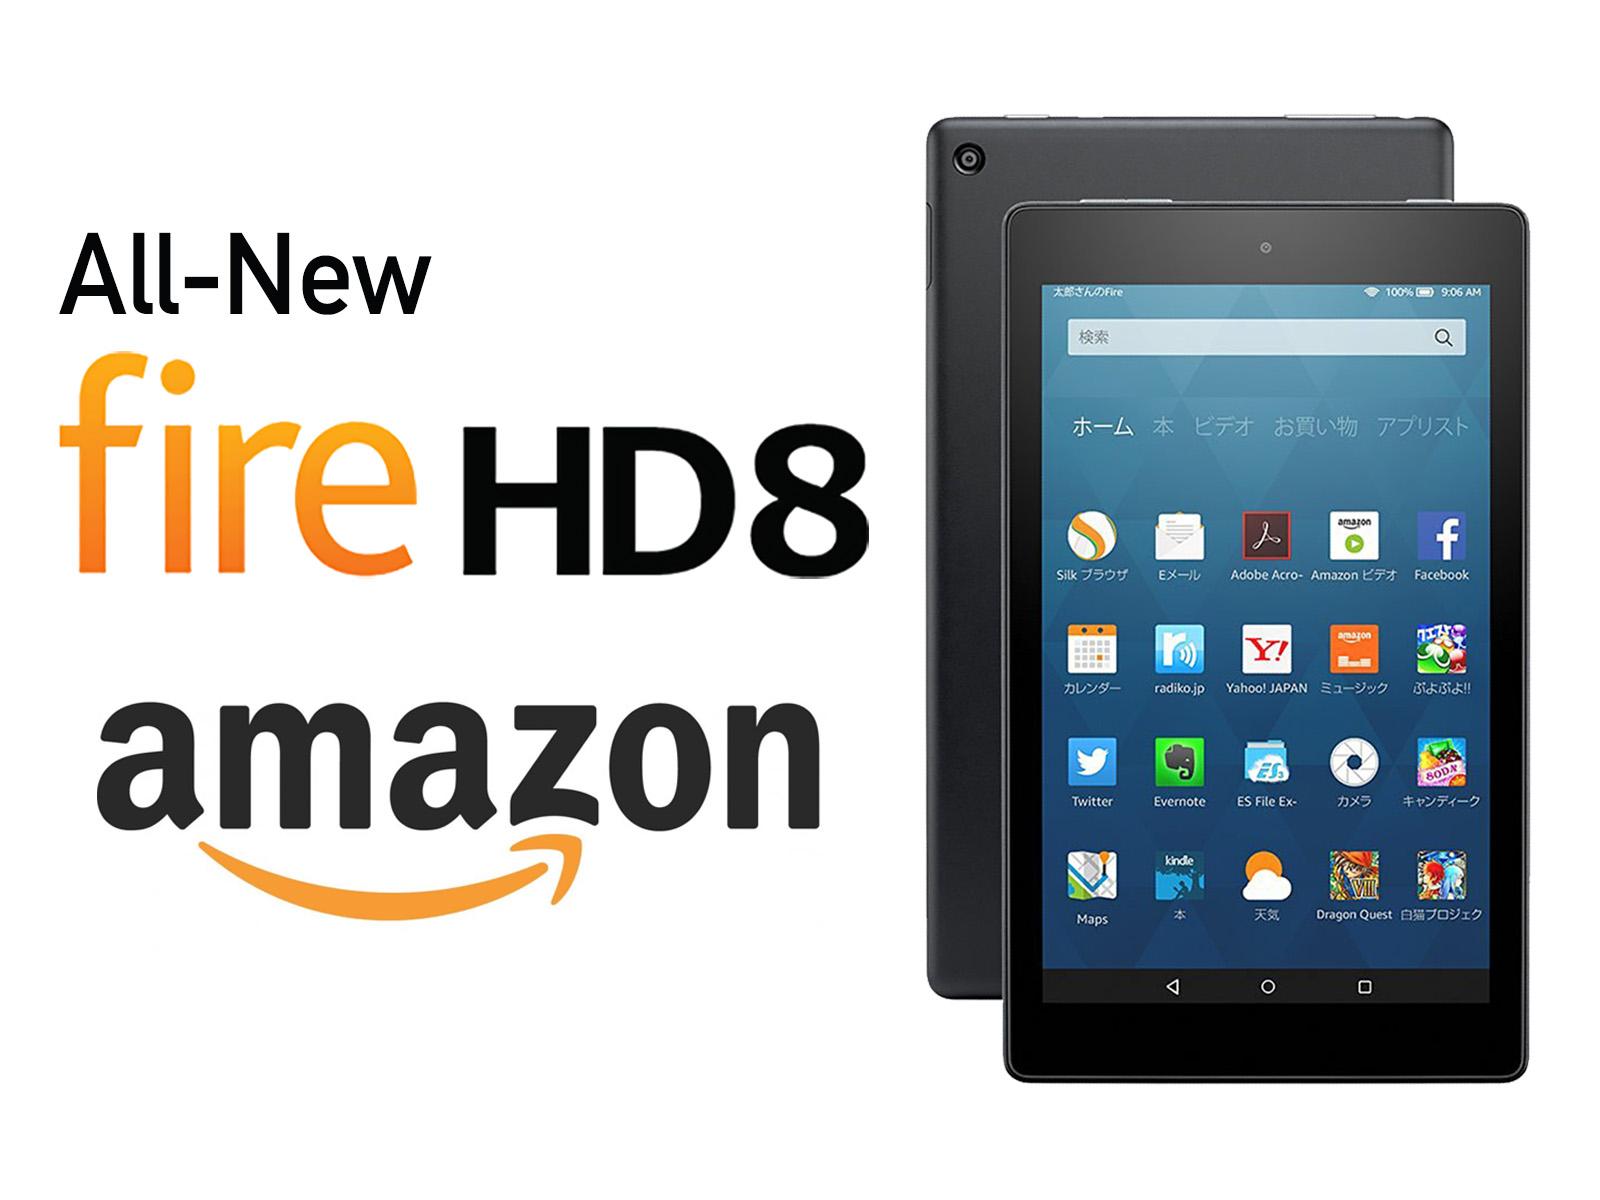 Amazon Fire HD 8 2016年版 新型